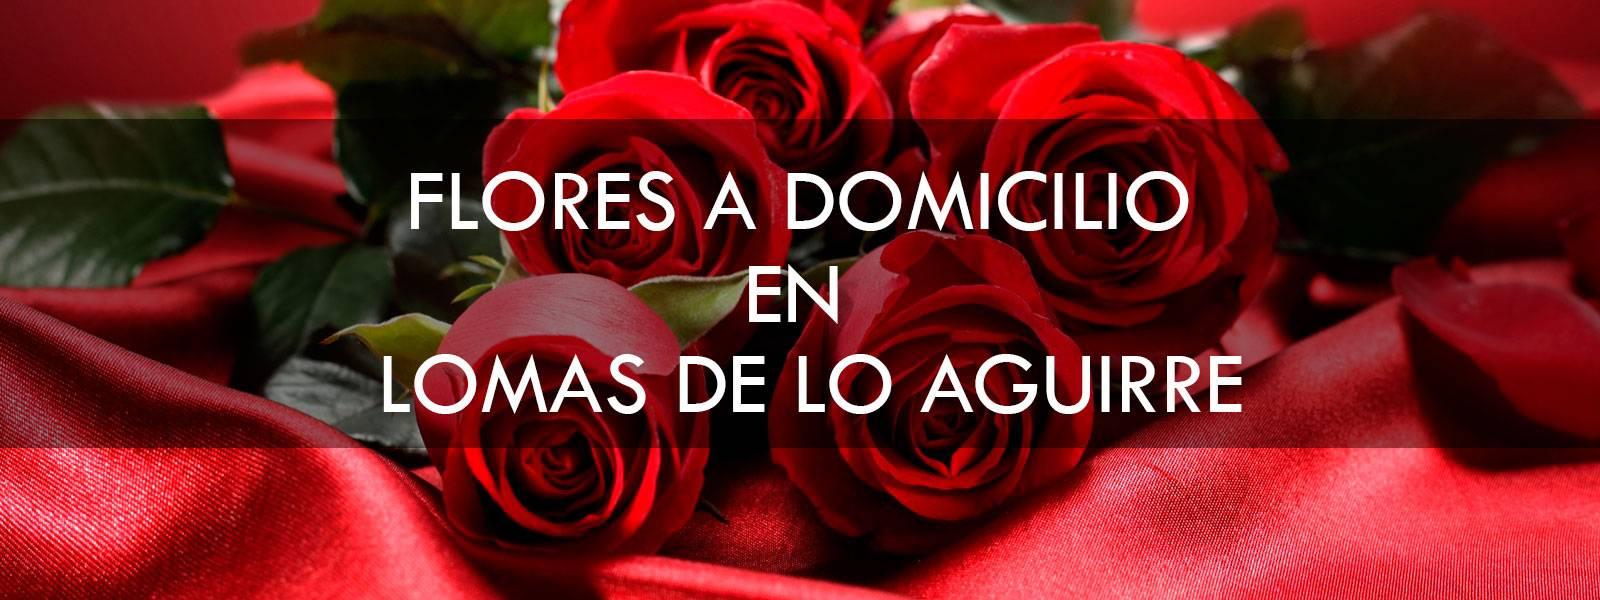 Flores a domicilio en Lomas de lo Aguirre